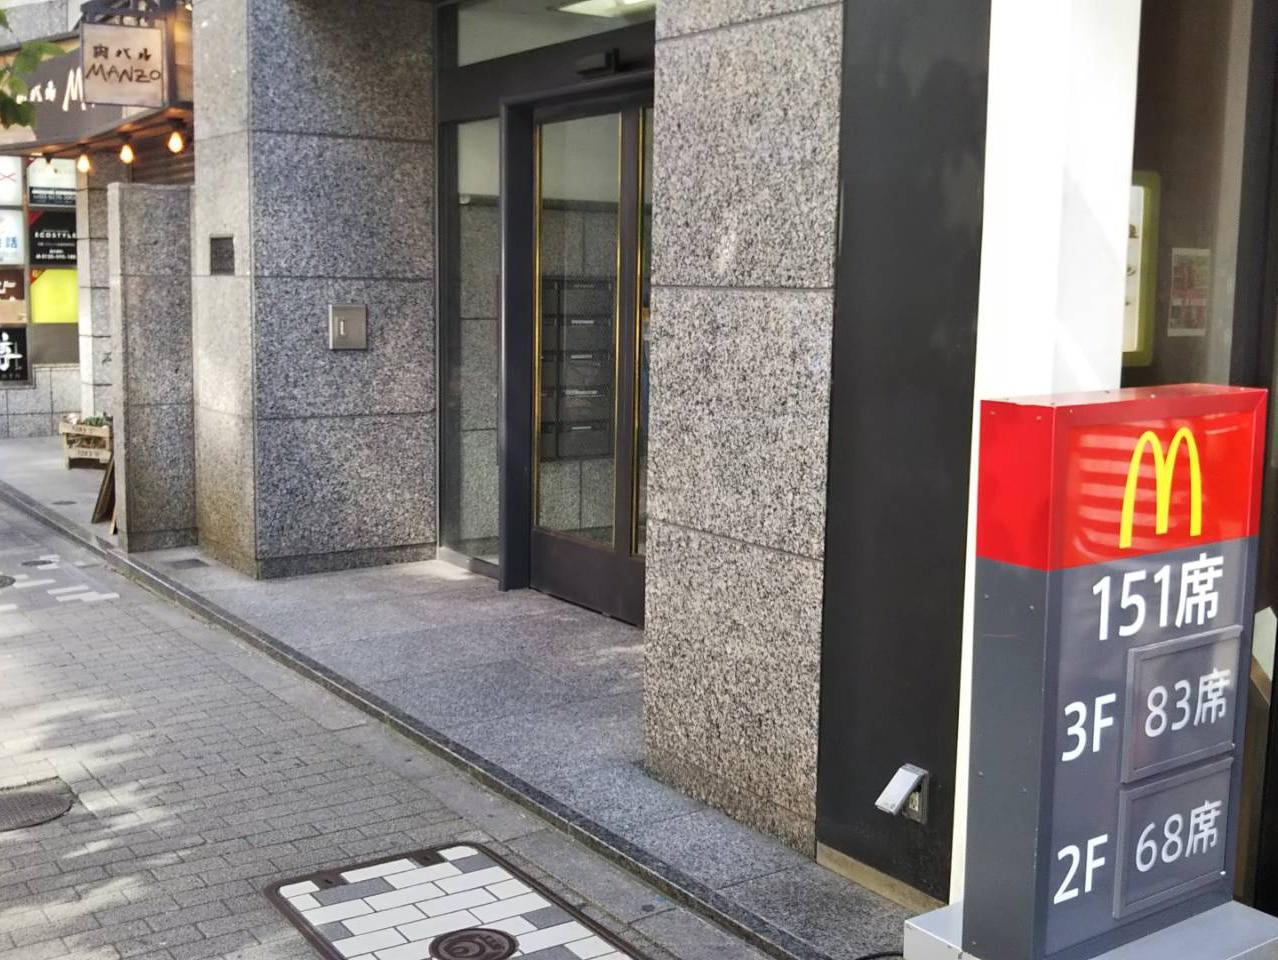 5.マクドナルドの1つ奥にビルの入り口があります。